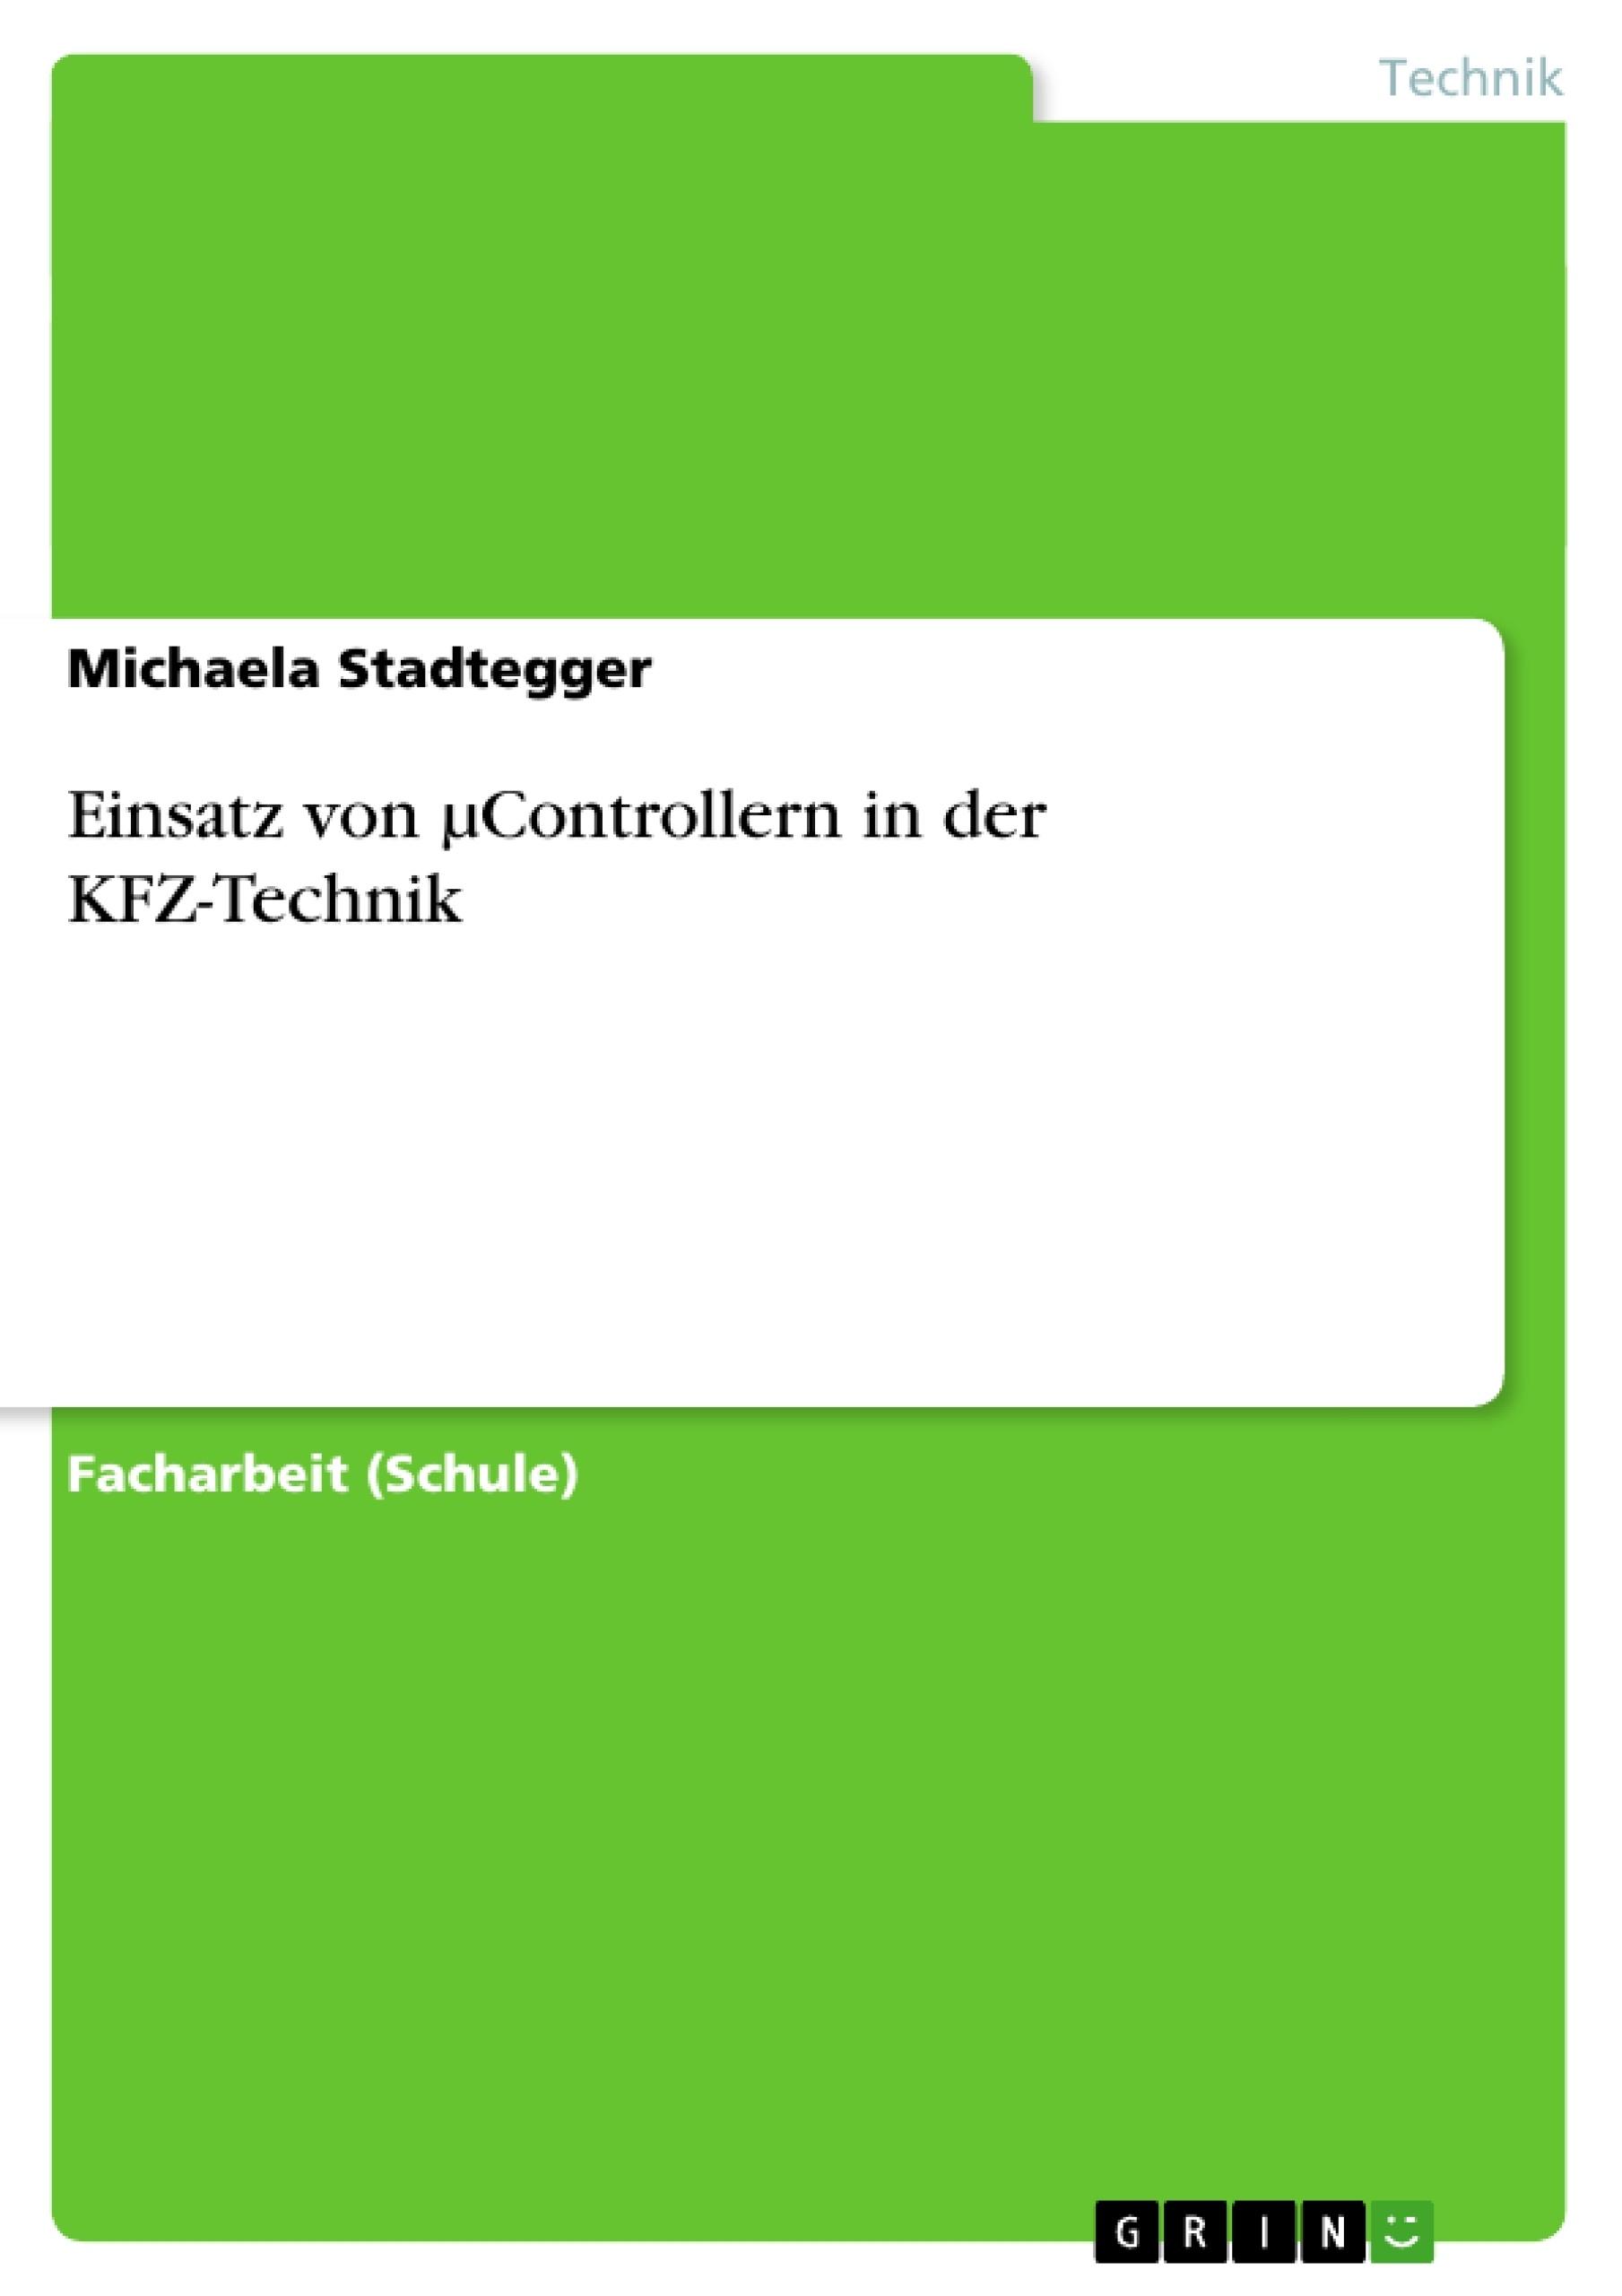 Titel: Einsatz von µControllern in der KFZ-Technik